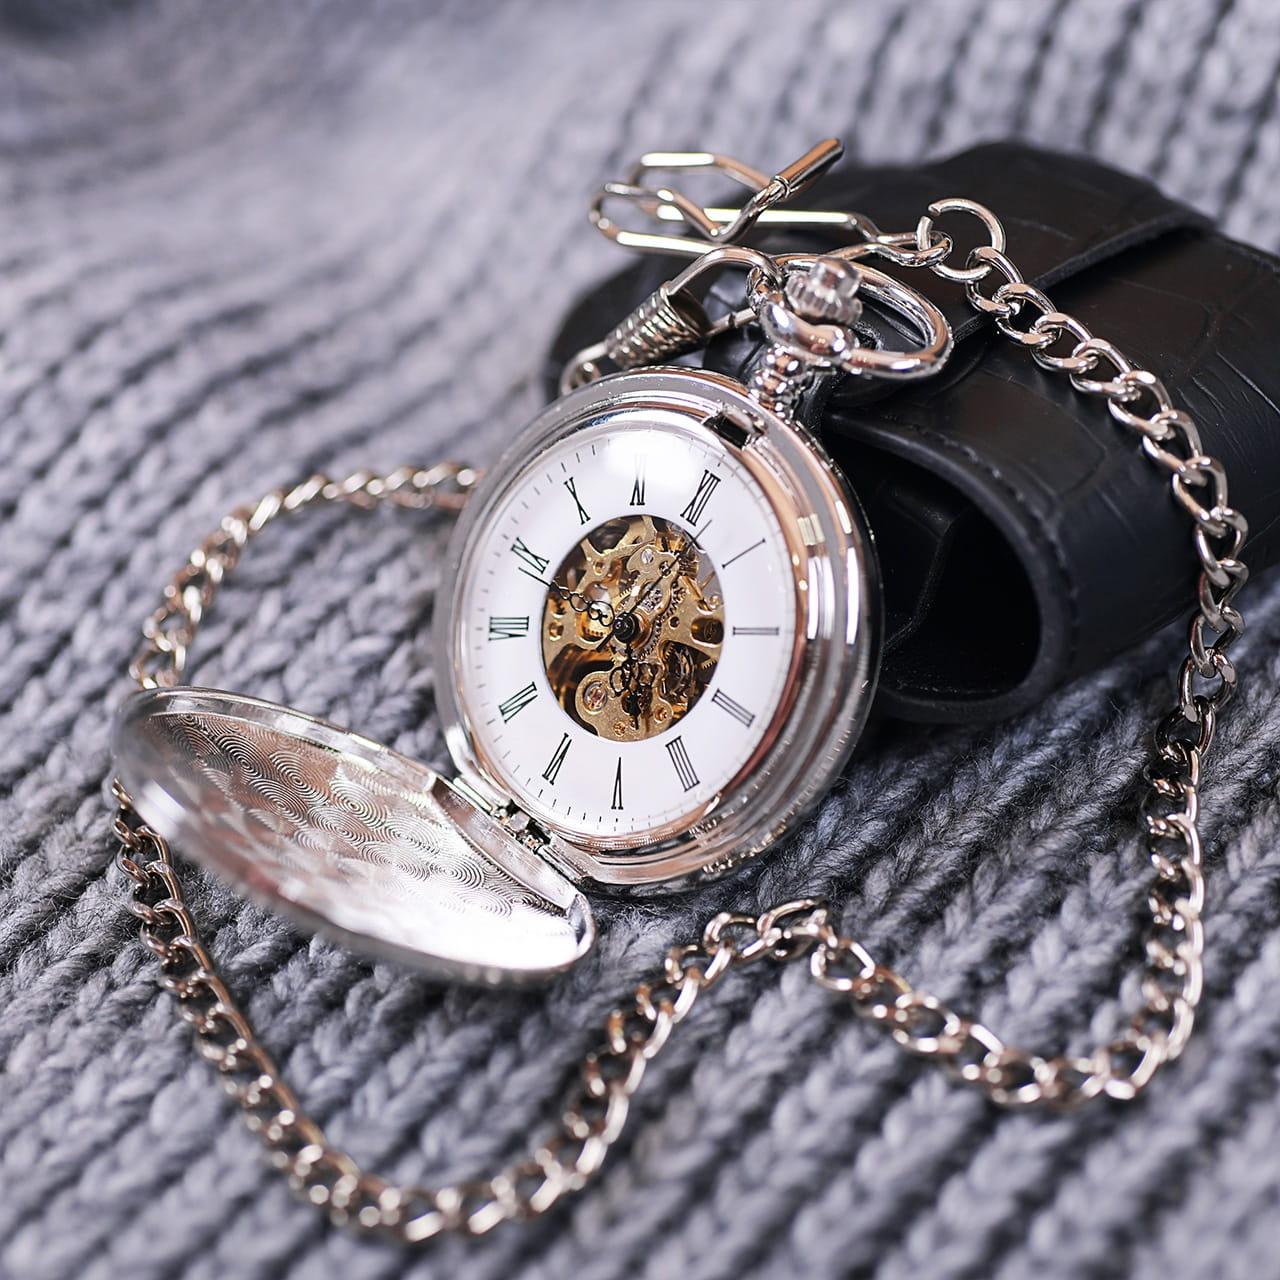 Zegarek kieszonkowy ELEGANCKI ROCZNIK